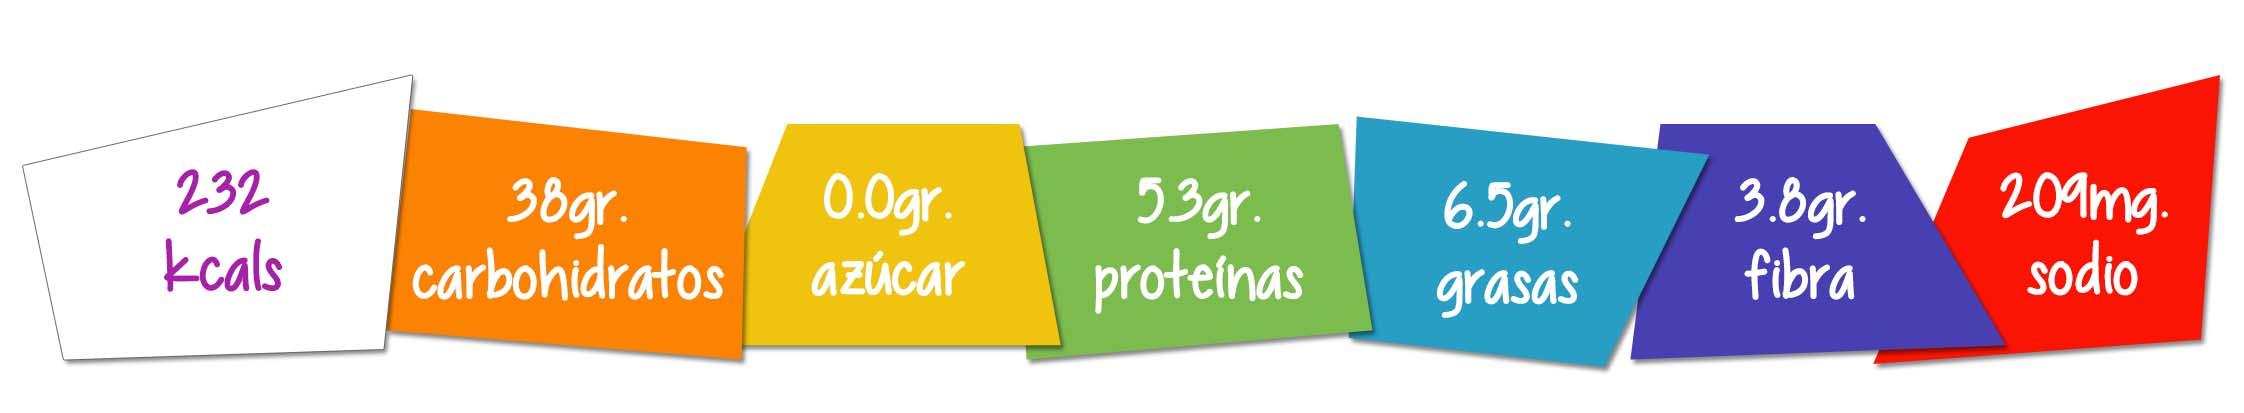 tabla_nutricional_galletas_zanahoria